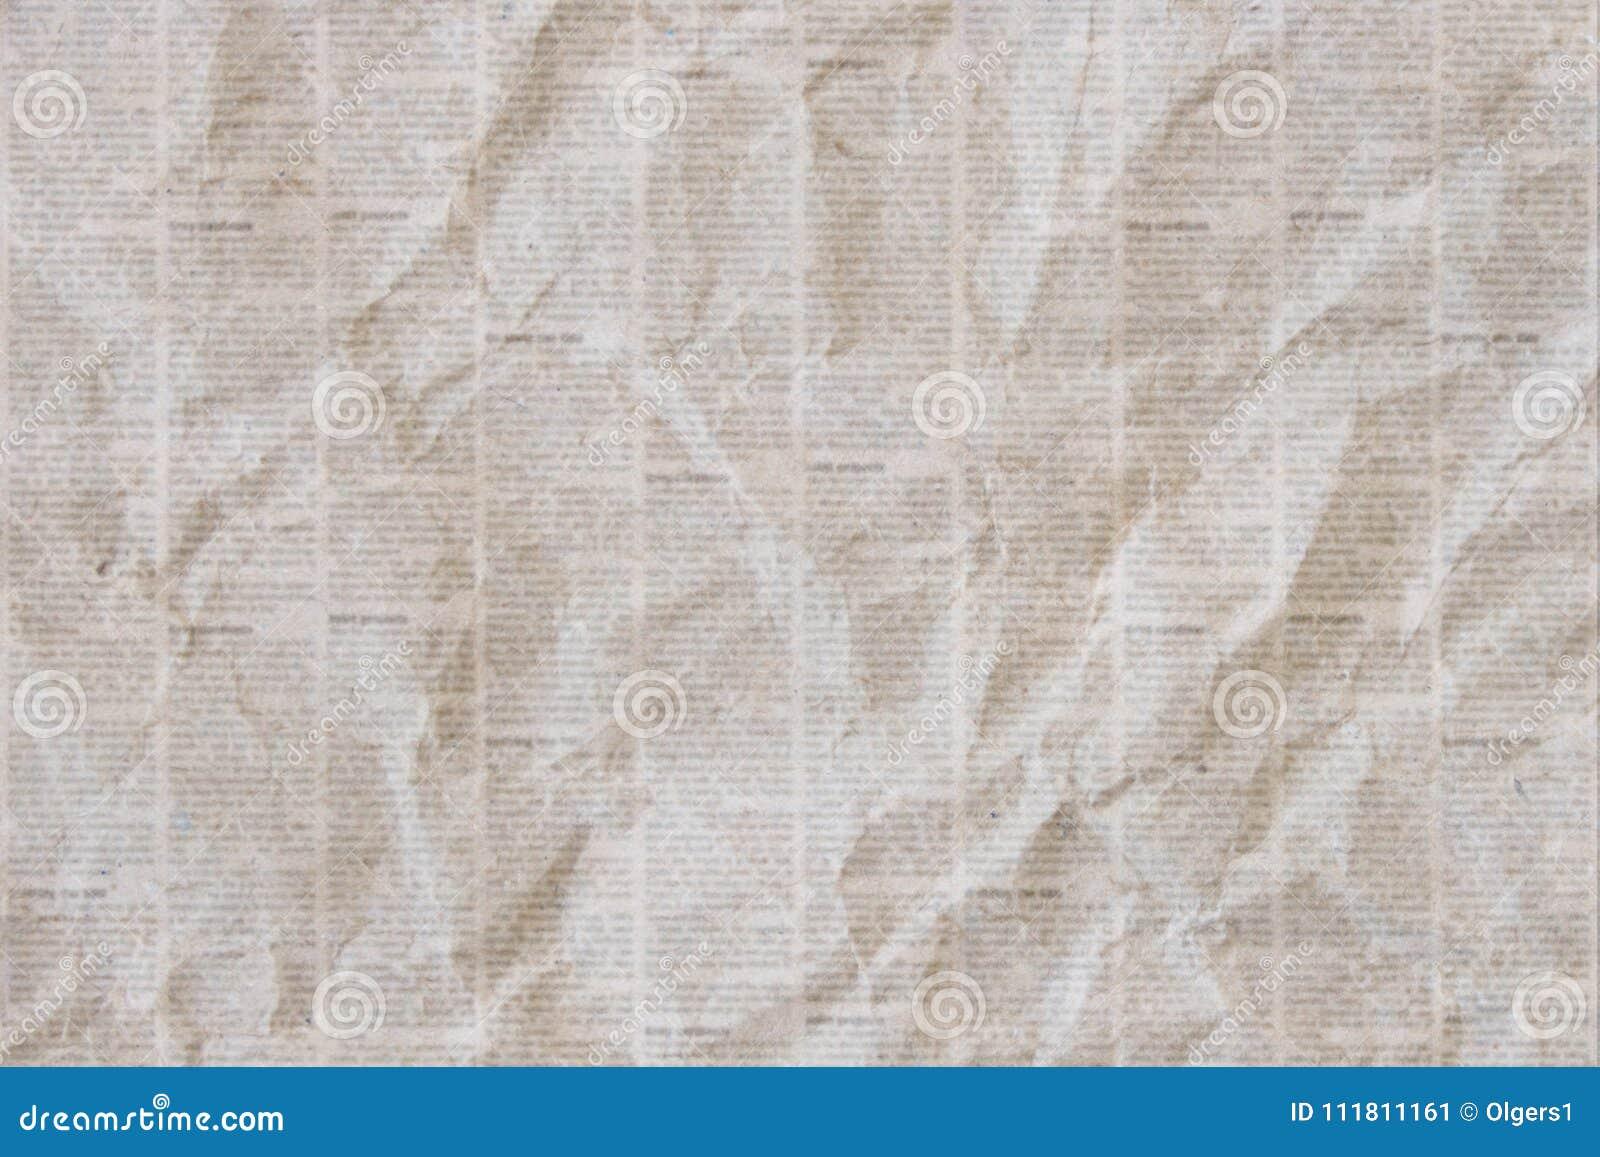 Viejo Fondo Arrugado De La Textura Del Periódico Stock De